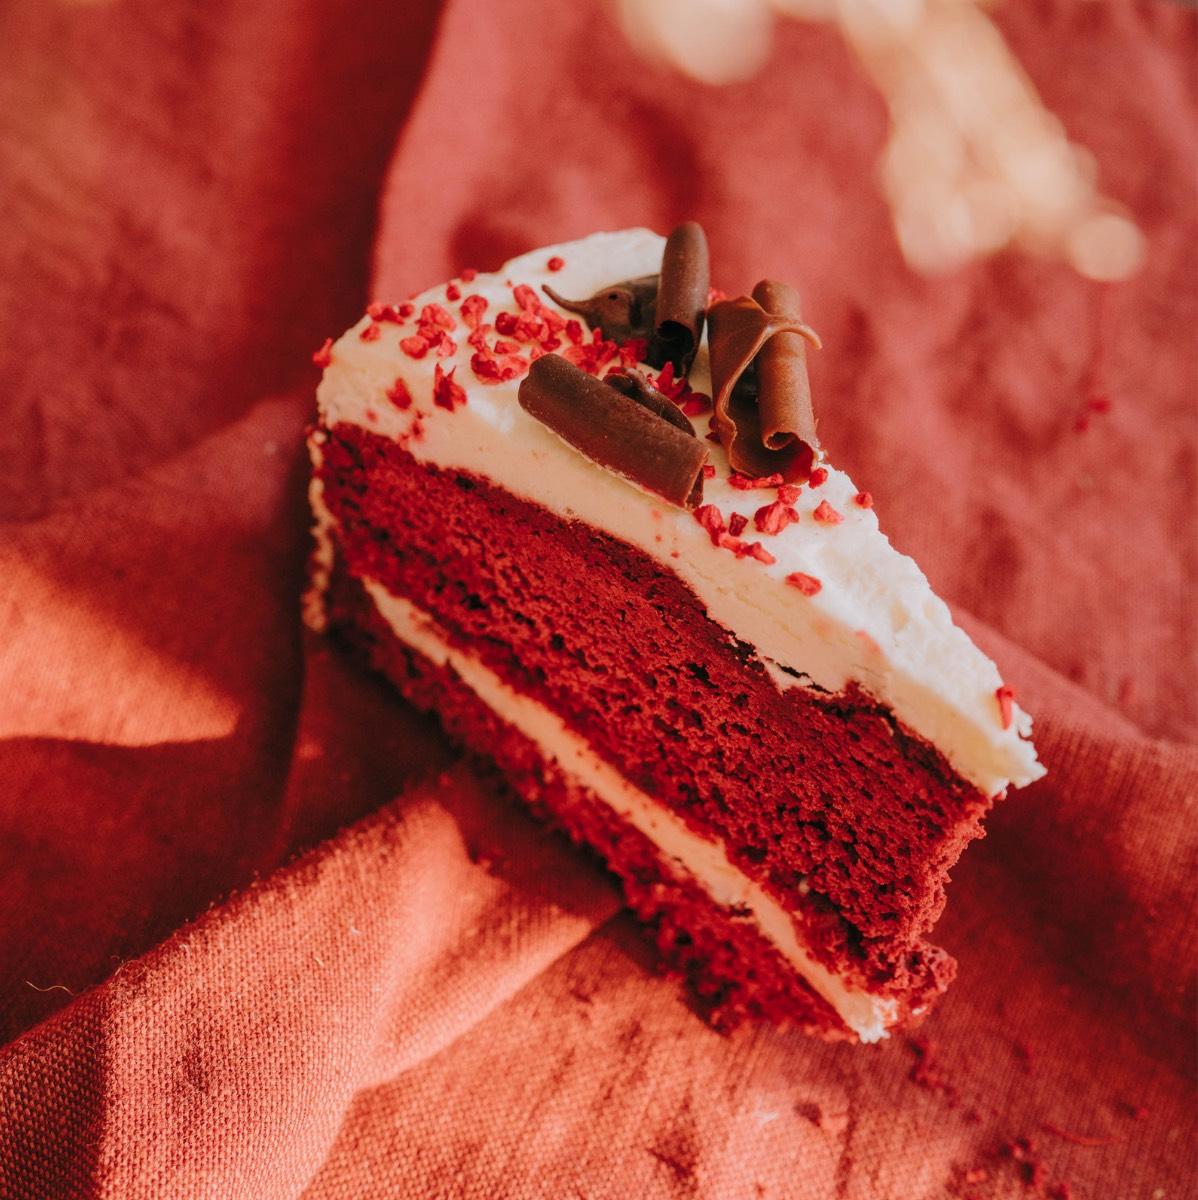 Notre gourmand Red Velvet